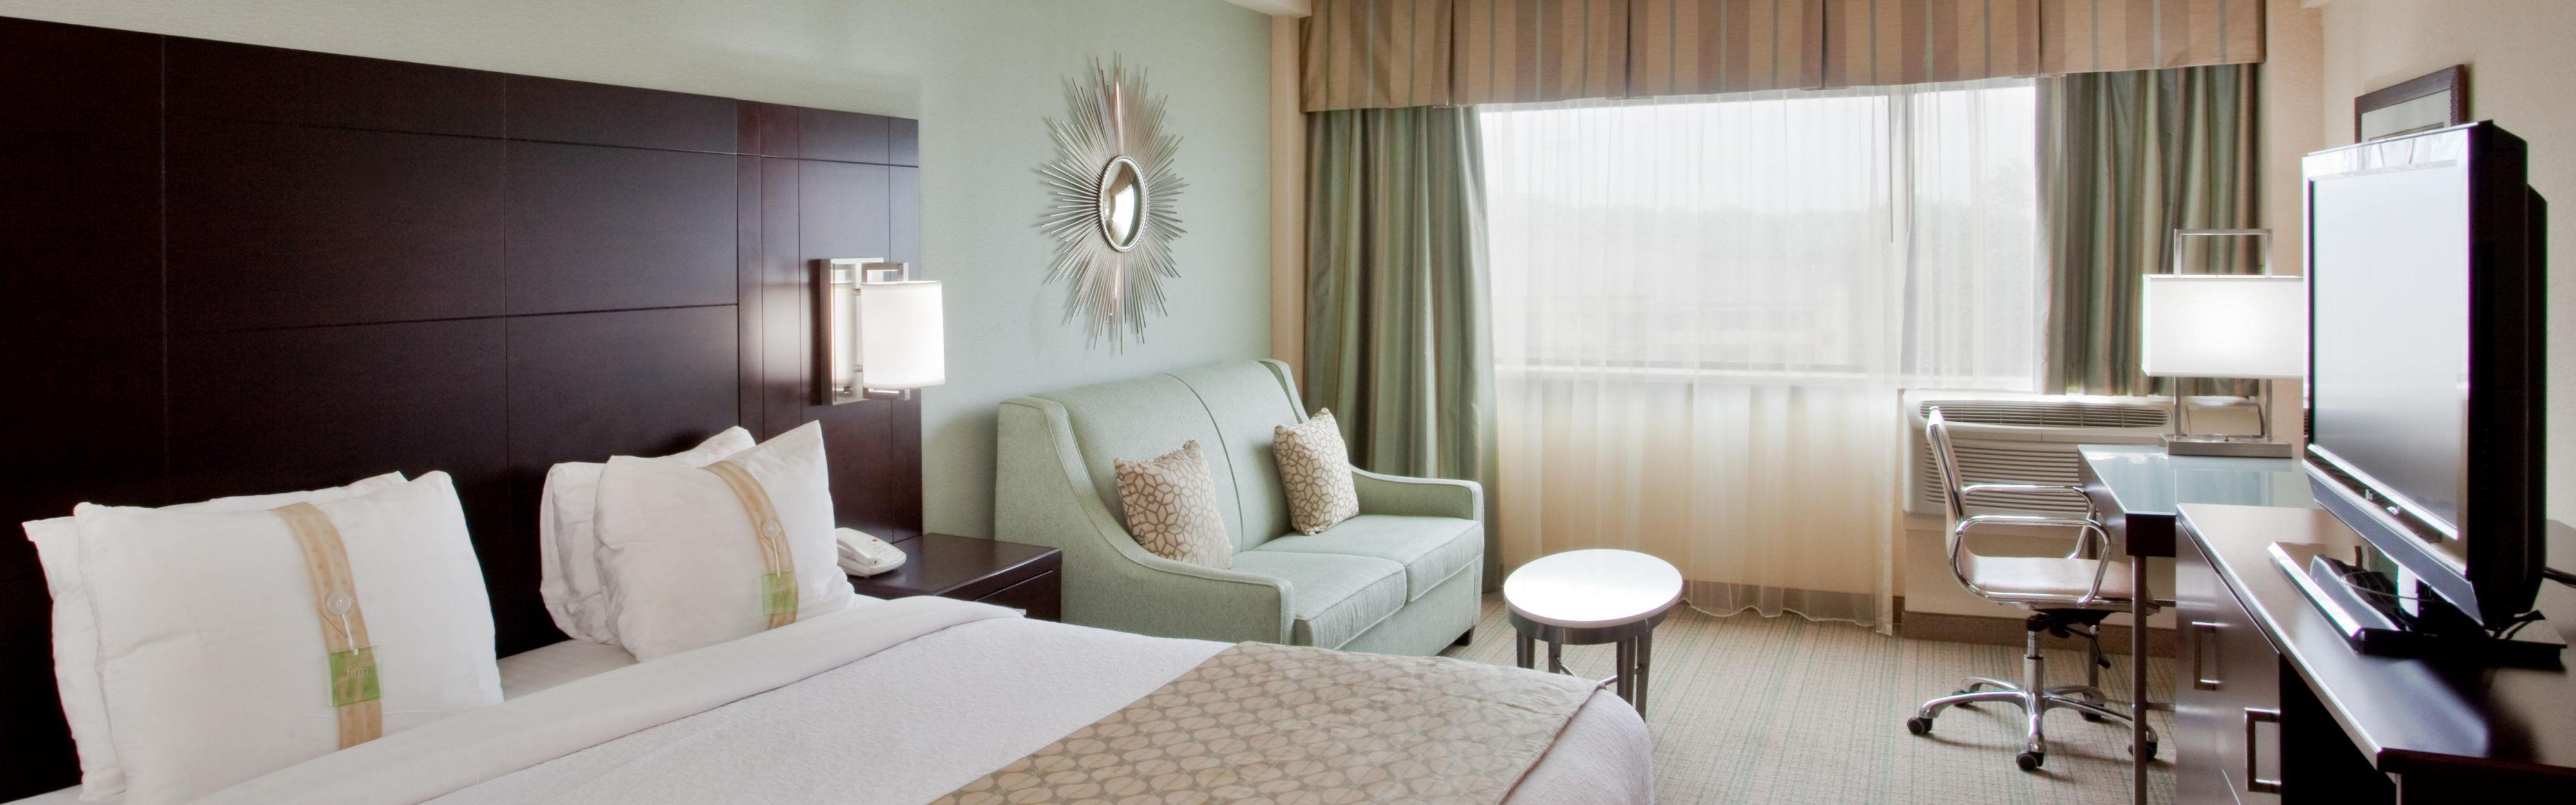 2 bedroom suites in virginia beach oceanfront